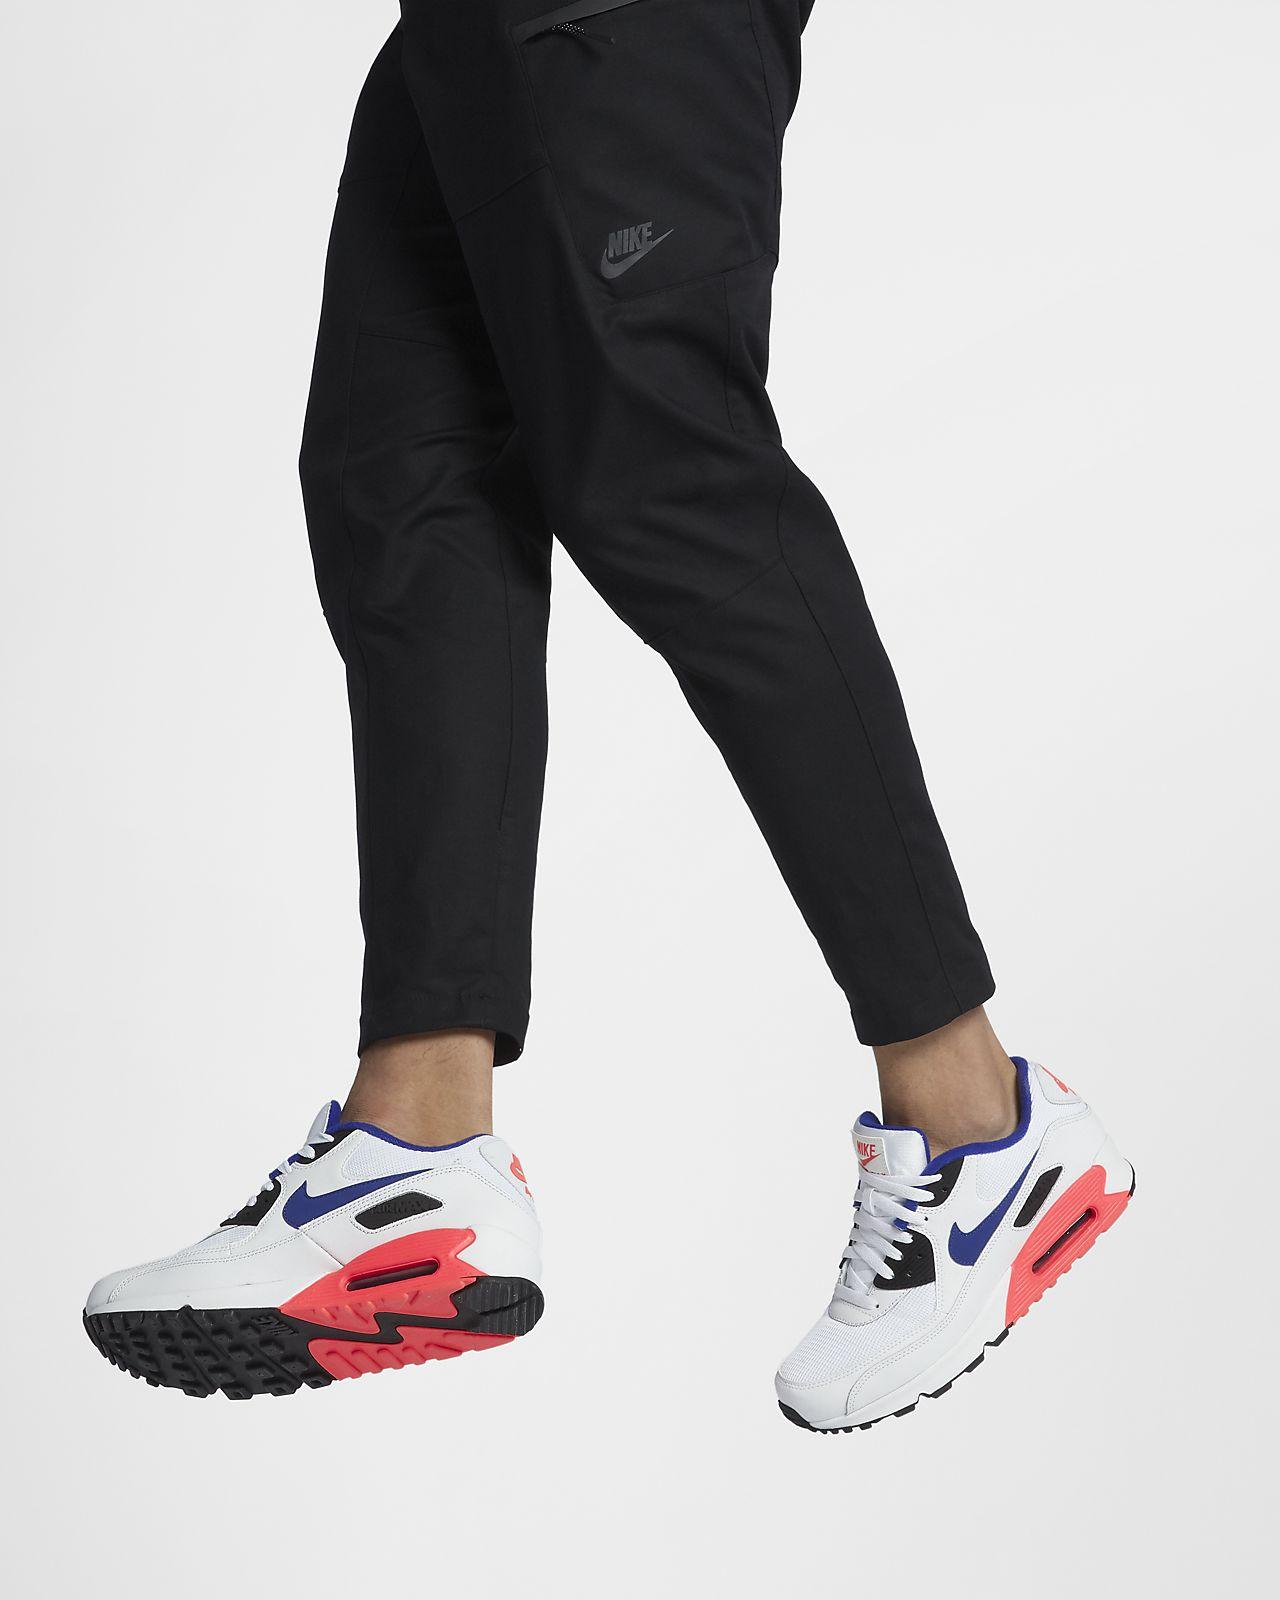 rabais moins cher Air Max 90 Femmes Essentiels Shorts Blancs Livraison gratuite explorer top-rated boutique pas cher a5Ar2e